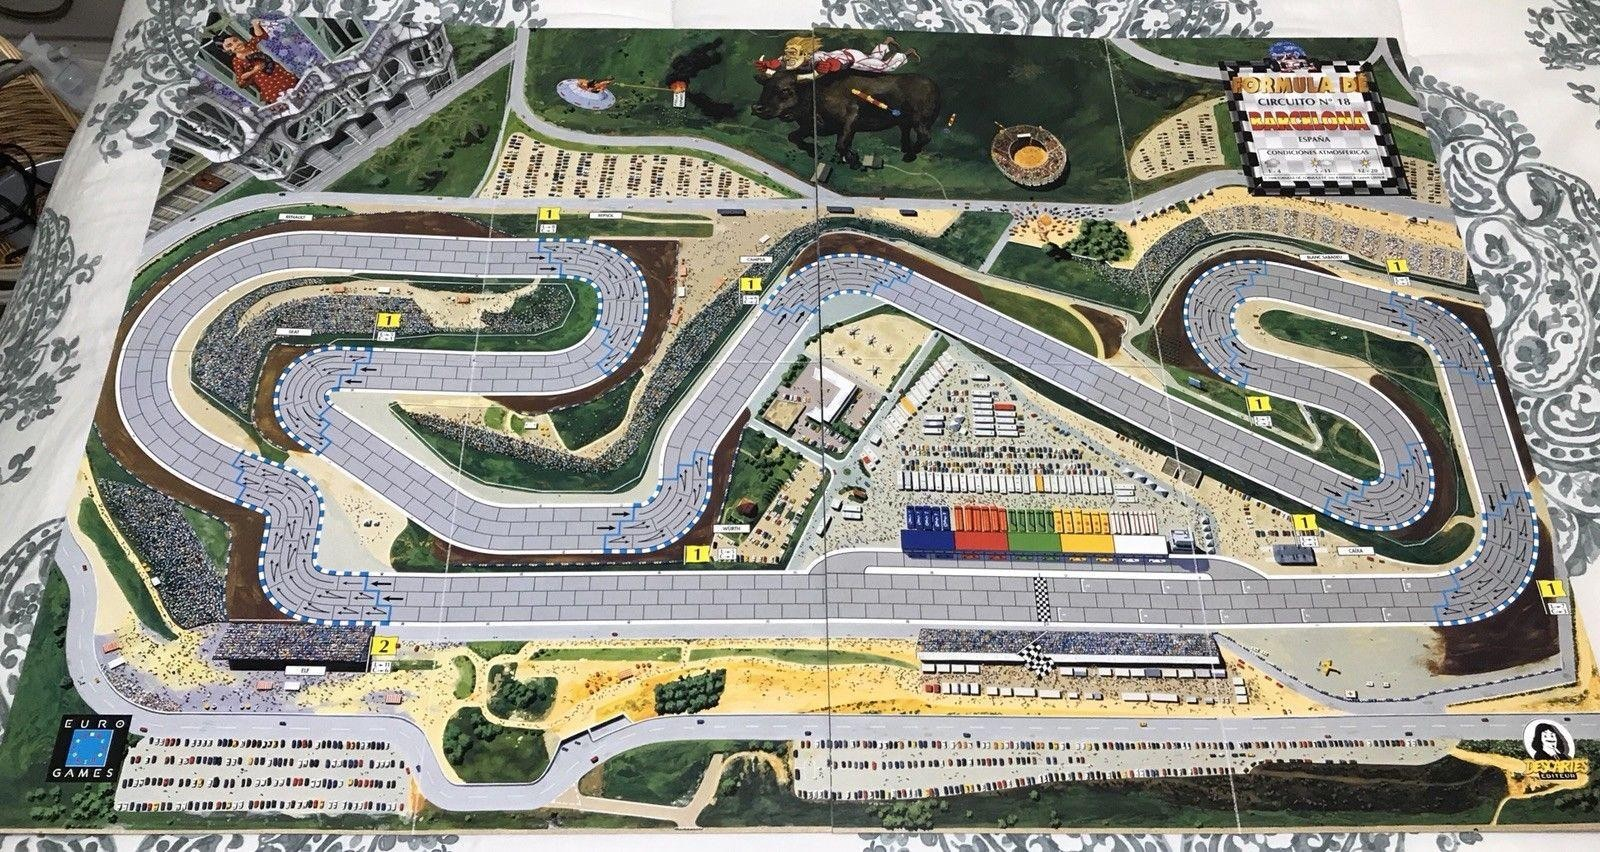 Cada circuito representa los estereotipos de cada país, en nuestro caso, el circuito del GP de Barcelona, que representa lo más icónico de nuestro país, la Sagrada Familia, una flamenca y un toro corneando a un piloto